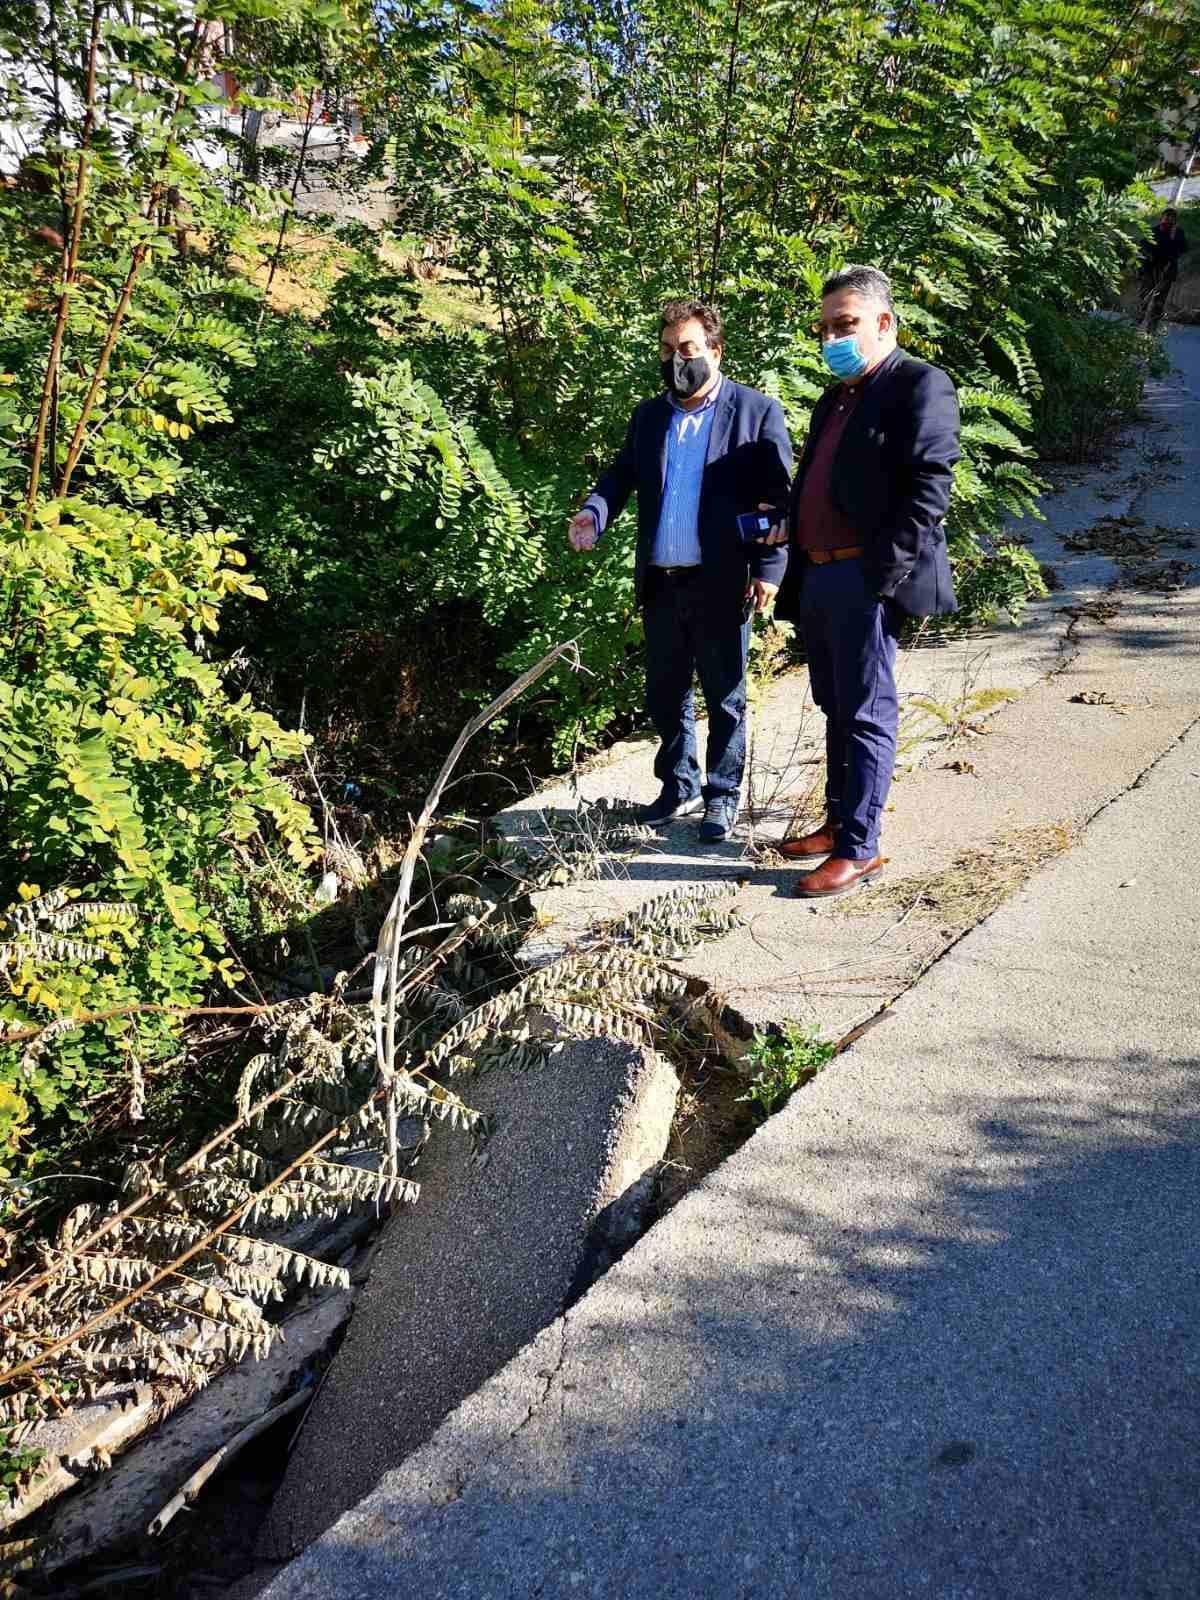 Δήμος Πύργου: Εγκαταστάθηκε ο εργολάβος για το έργο αντικατάσταση τμήματος του υπάρχοντος δικτύου ομβρίων υδάτων στην Τ.Κ. Ανεμοχωρίου